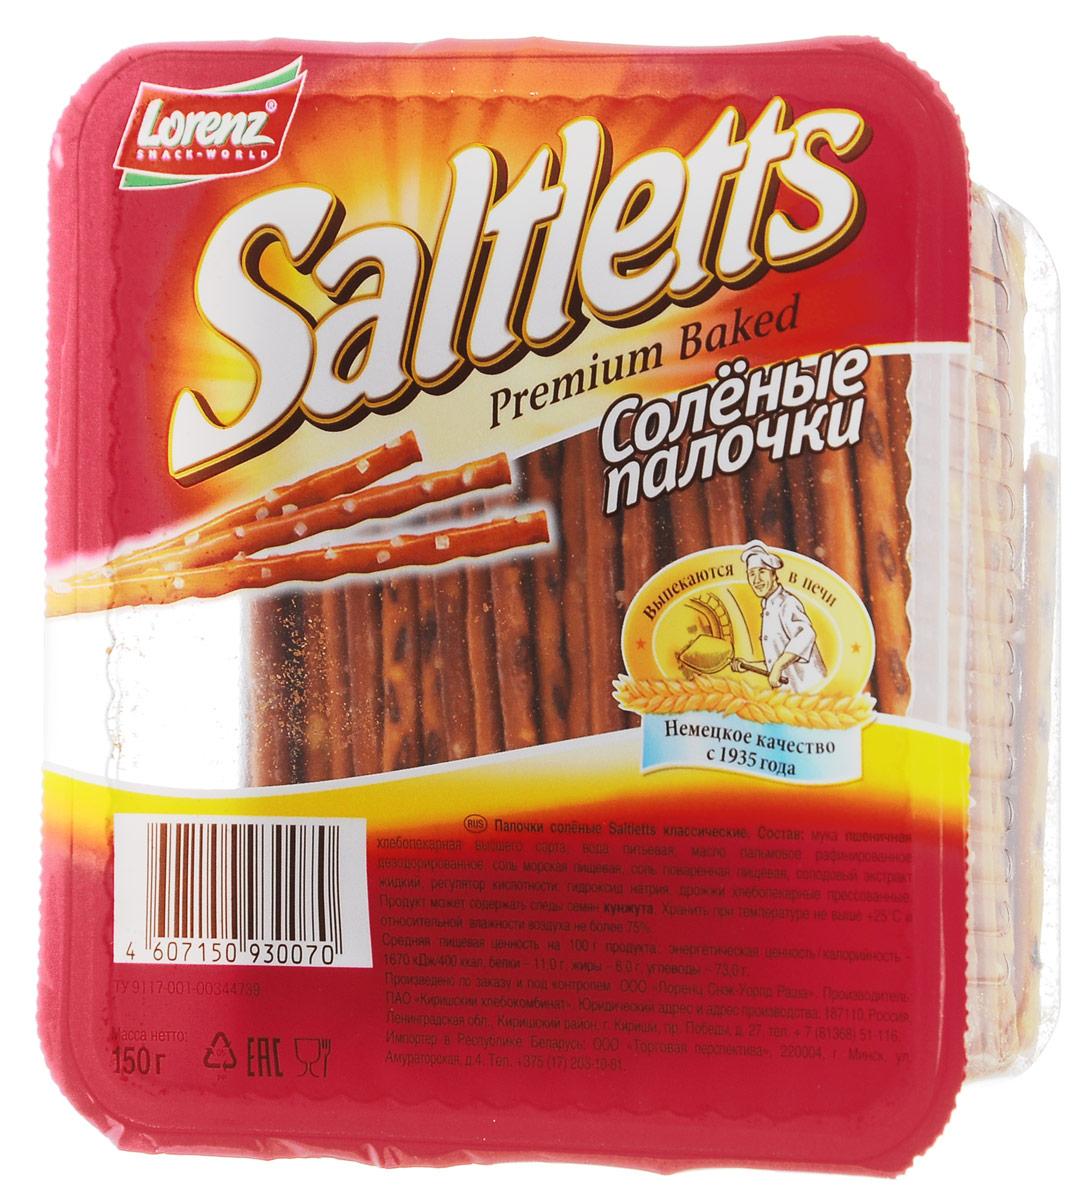 Lorenz Saltletts палочки cоленые, 150 гбзе022Палочки Lorenz Saltletts уже давно являются бесспорной классикой на немецком рынке. Хрустящая соломка золотисто-коричневого цвета радует потребителей с 1935 года. Снэки приготовлены из лучших ингредиентов и приправлены морской солью. Благодаря большой и удобной упаковке, вы можете угостить палочками всех своих гостей.